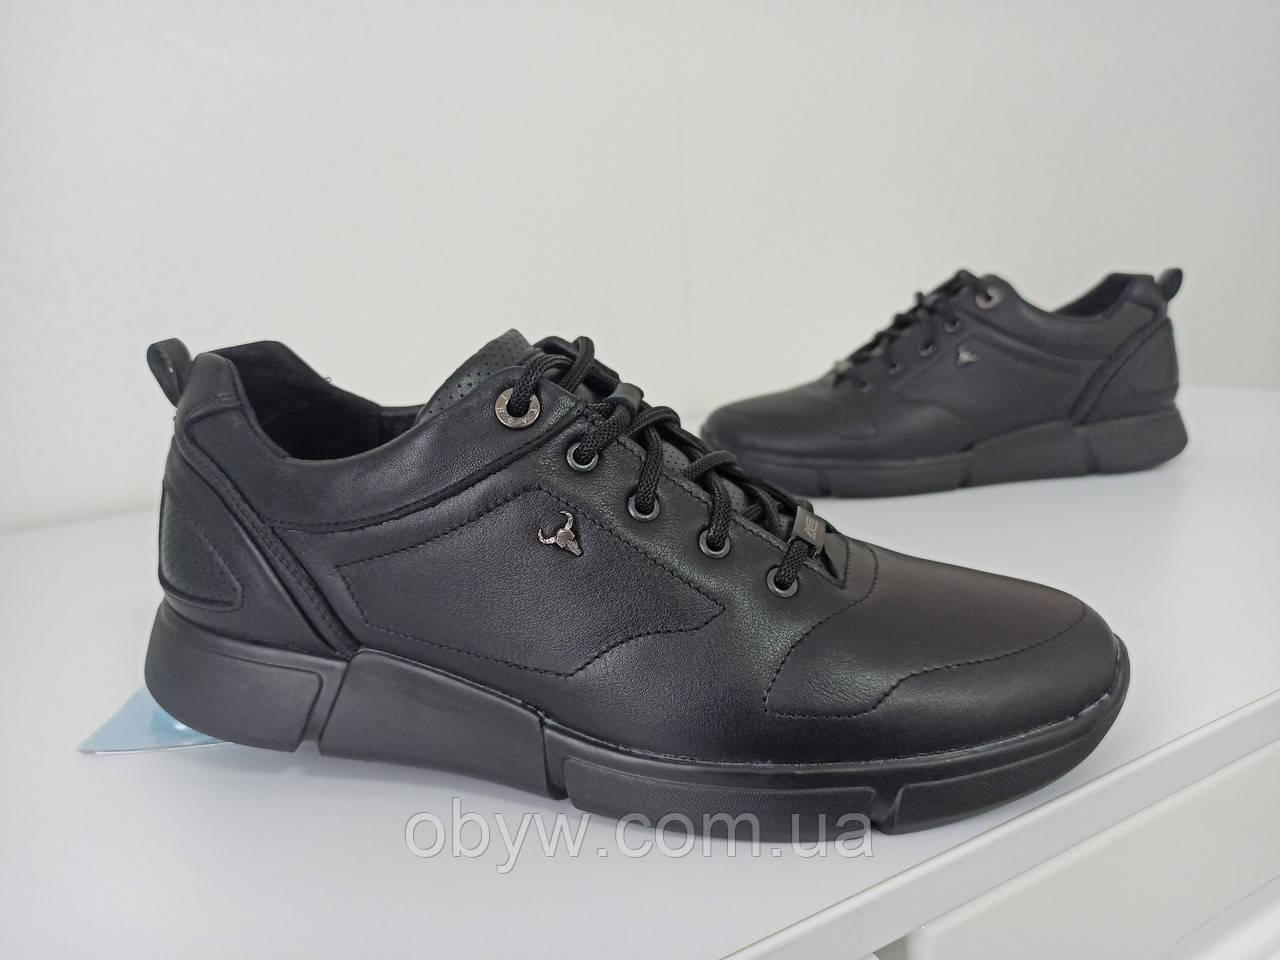 Шкіряні чоловічі кросівки ayk4045 натуральна шкіра